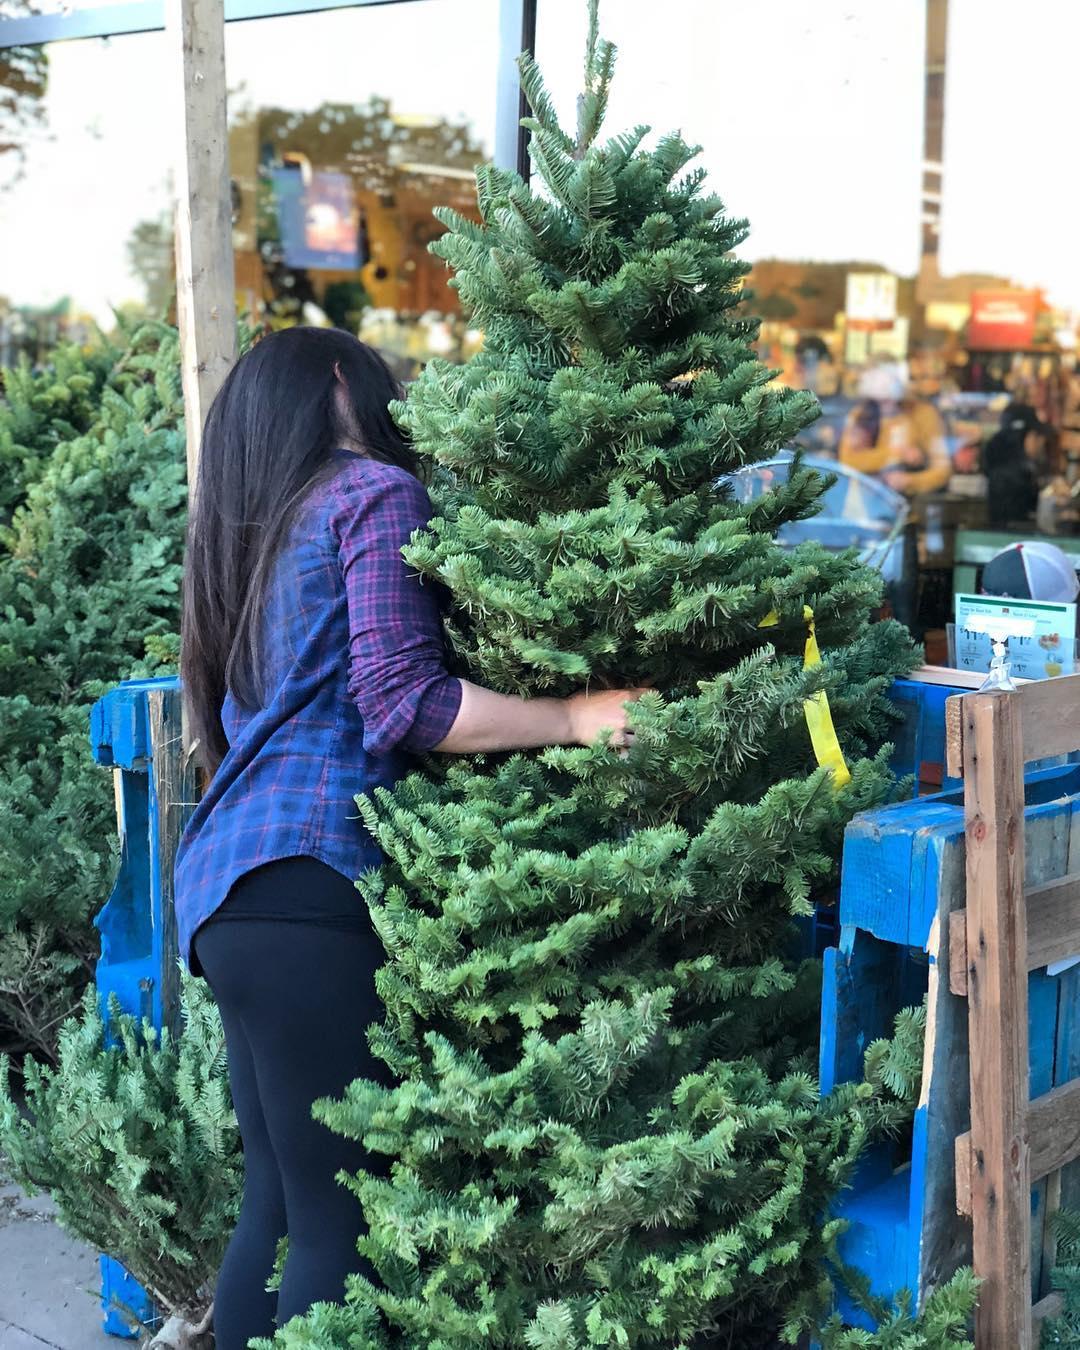 bear hug  we passed on the big Christmas treehellip